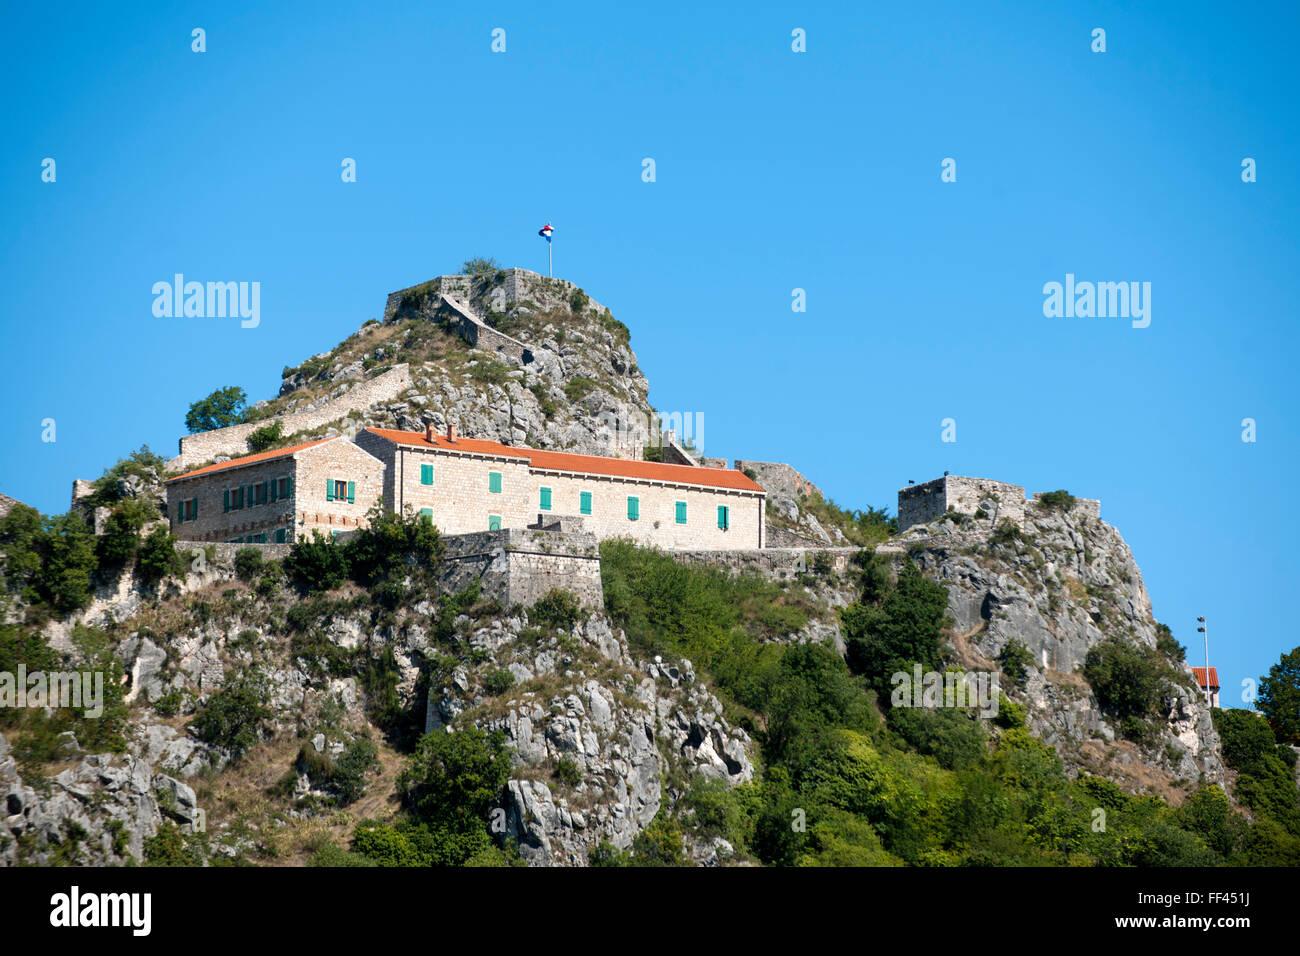 Fernsehreihe, Dalmatien, Knin, Blick Auf Die Festungsruine Auf Dem Berg Thermen. Stockbild